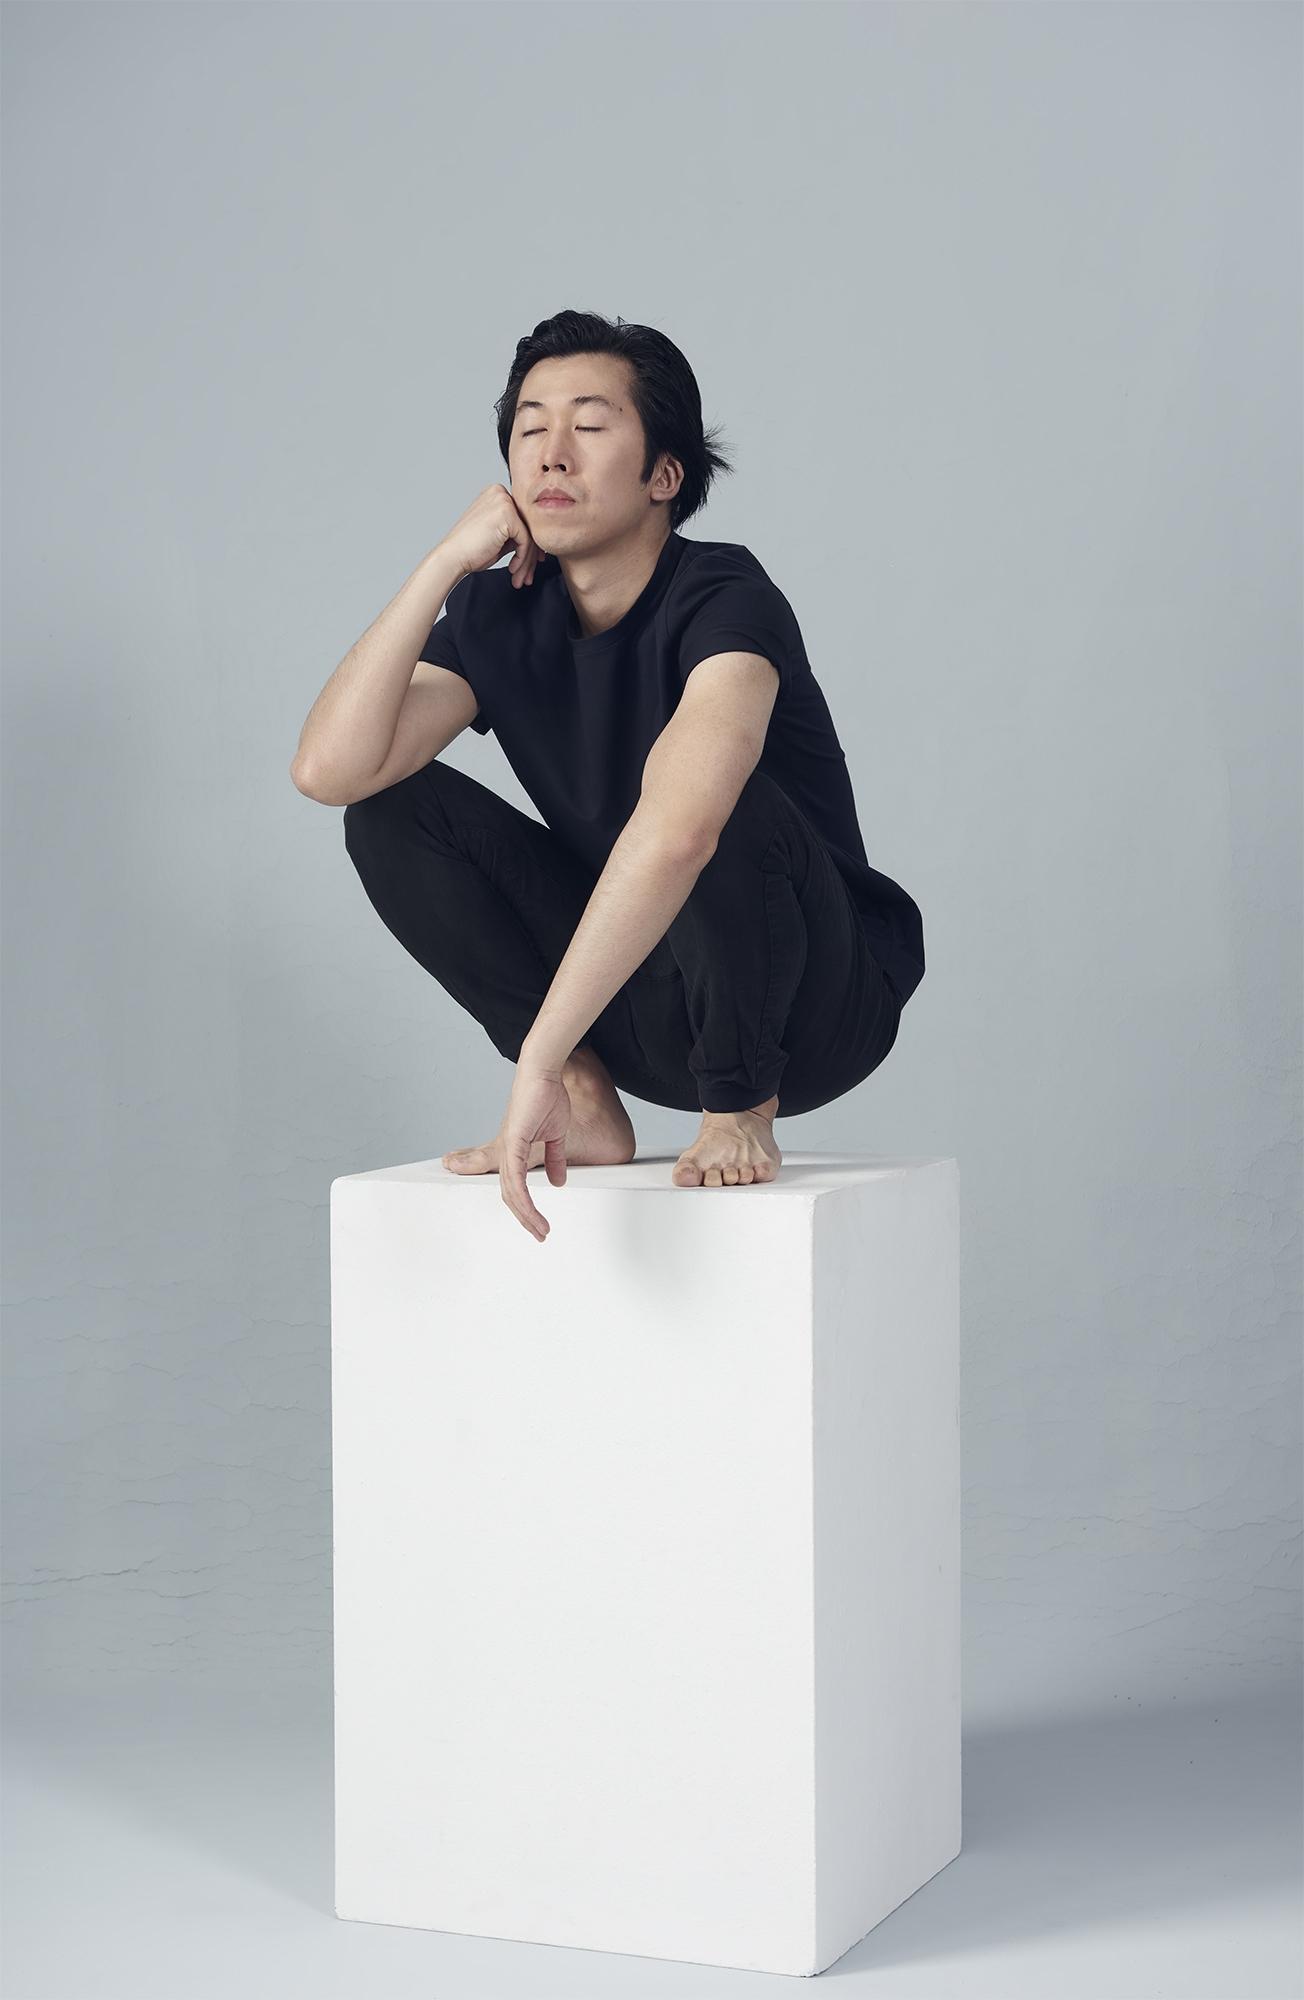 sonjamueller_portrait_designer_xinhu_weng2